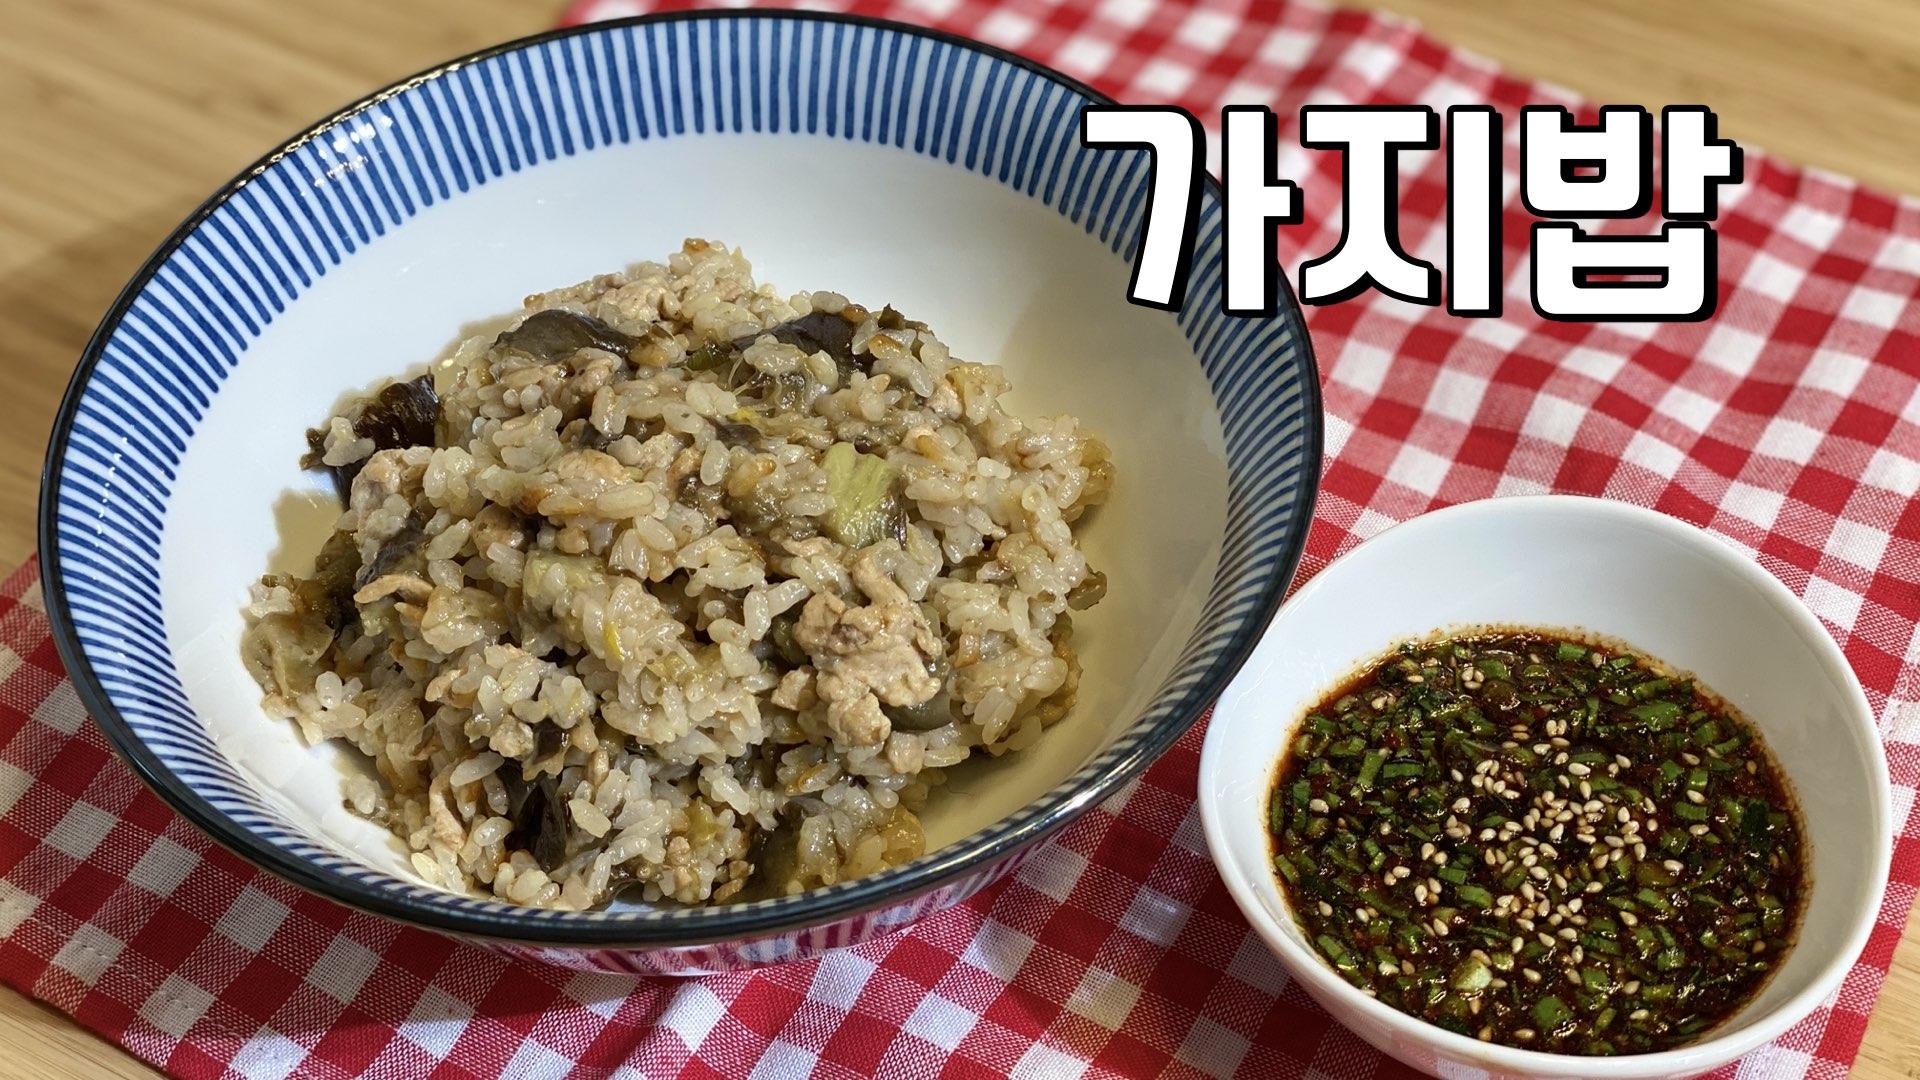 가지밥 만들기 / 돼지고기 가지밥 / 부추 양념장 | 올리브네 간단 레시피 | 만들기 쉬운 영양듬뿍 가지밥